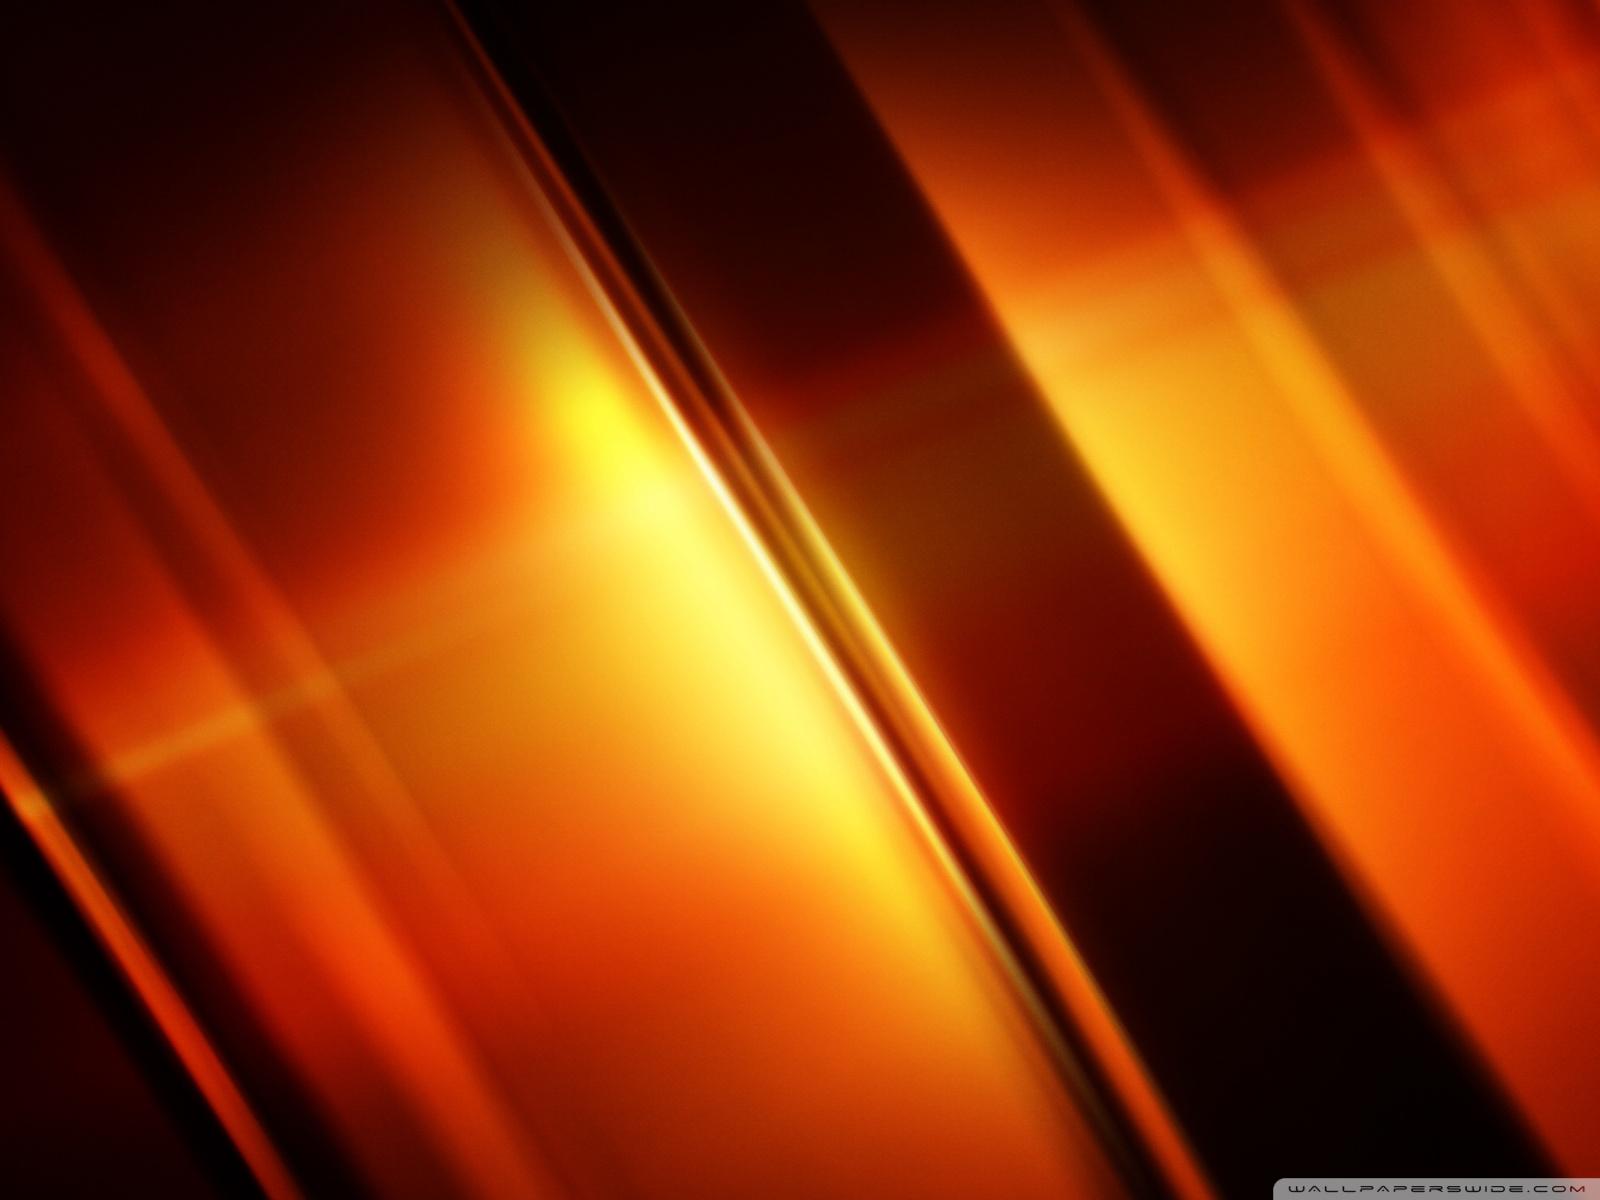 Оранжевые обои для рабочего стола, фото, обои